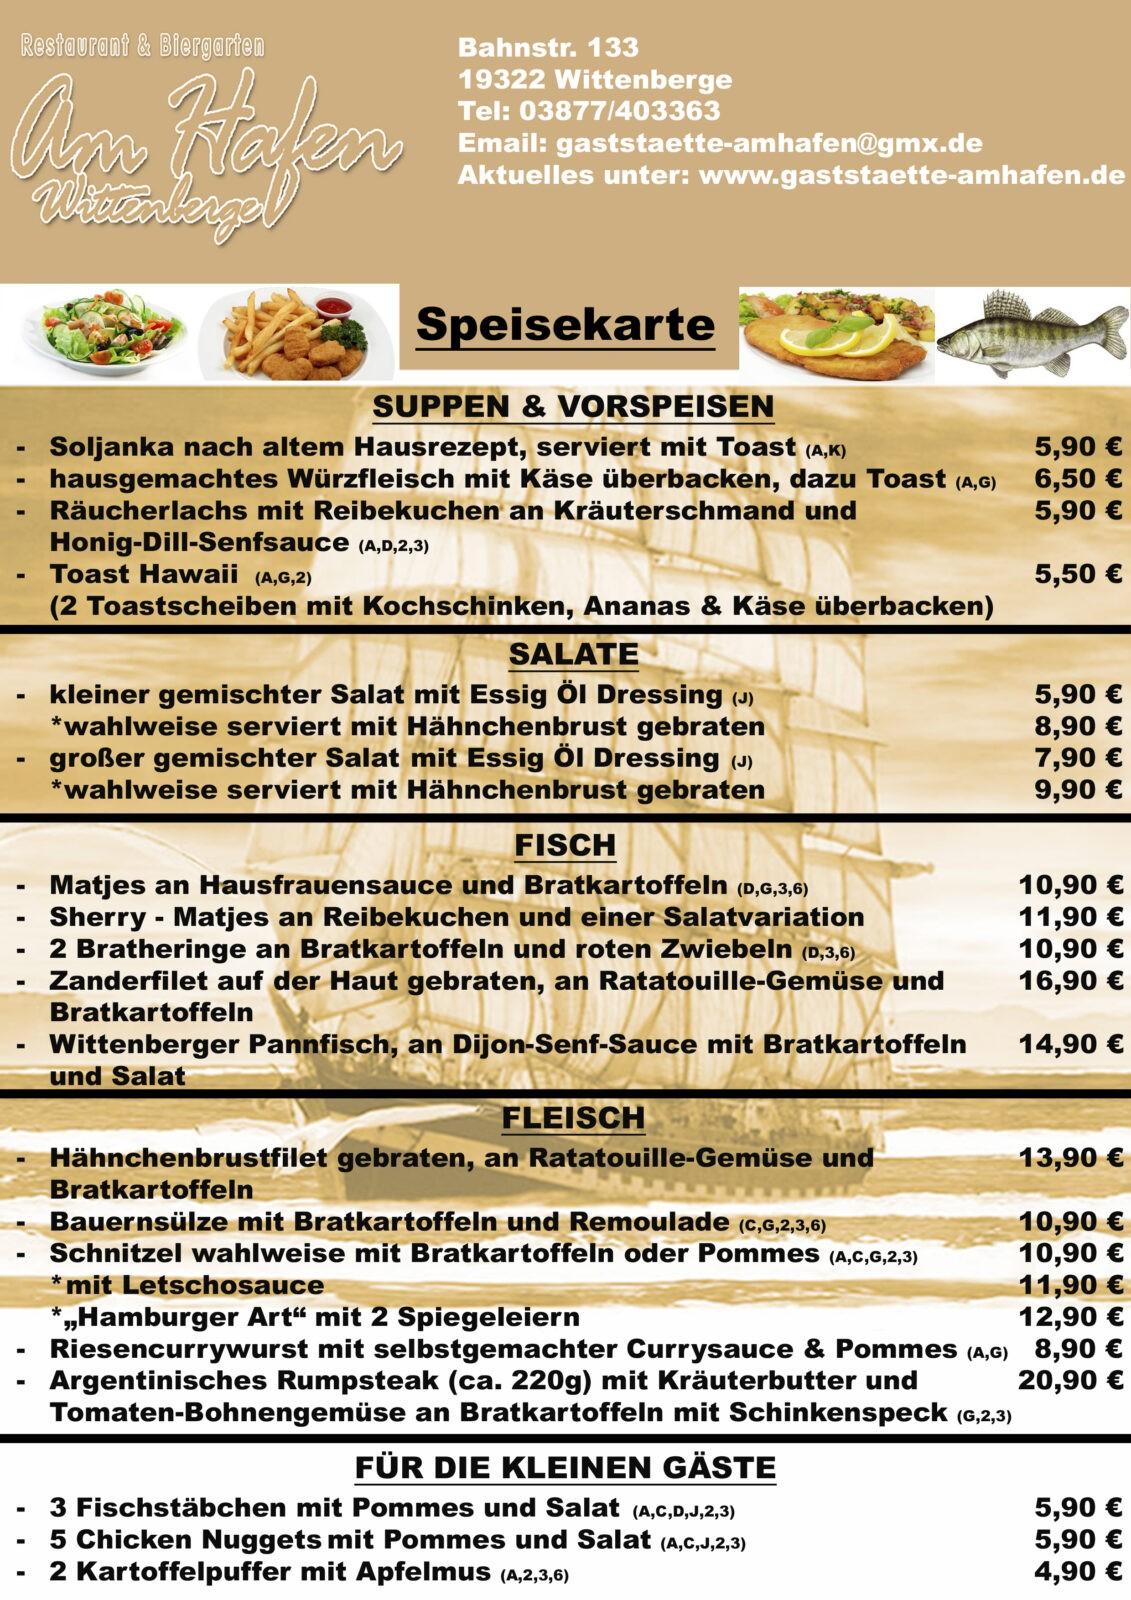 Gerichte - Gaststätte am Hafen